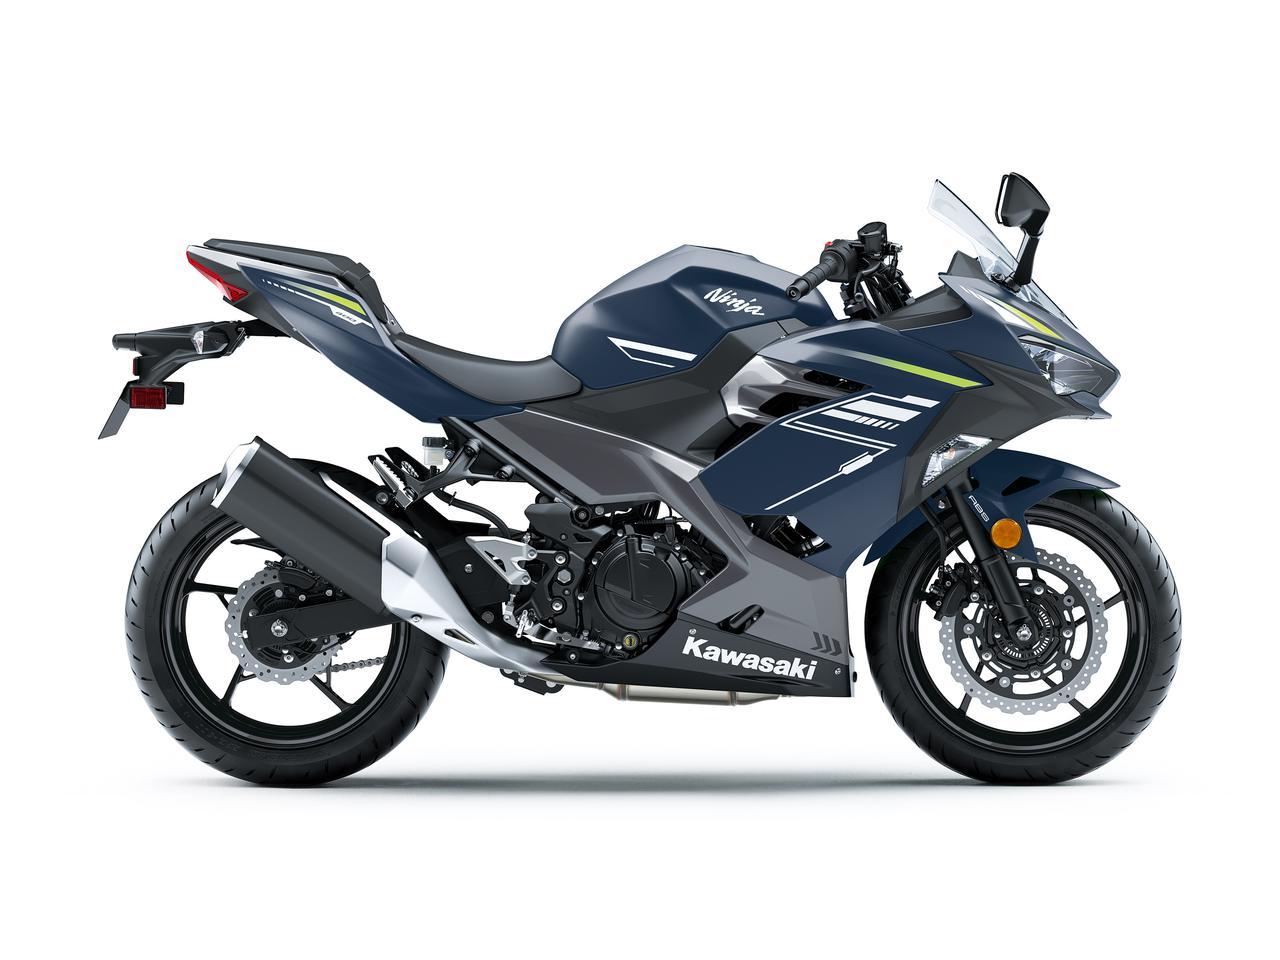 画像2: カワサキ「Ninja400」の2022年モデルは新色をまとってイメージチェンジ! KRTエディションは従来のカラーで継続販売